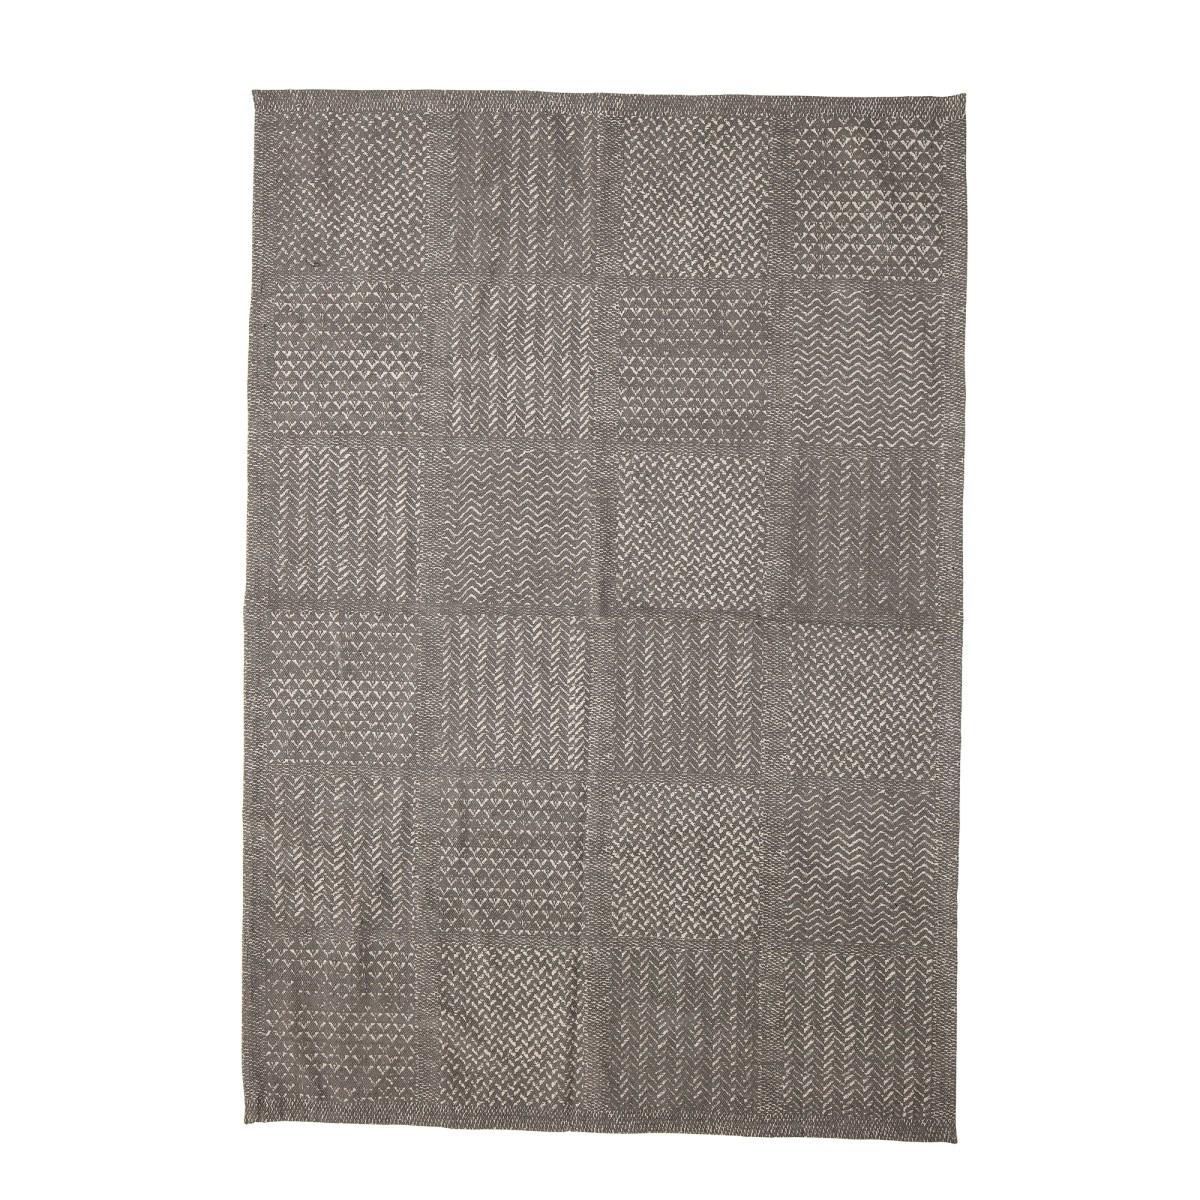 Tkaný koberec Emrah 180x120 cm šedý_0